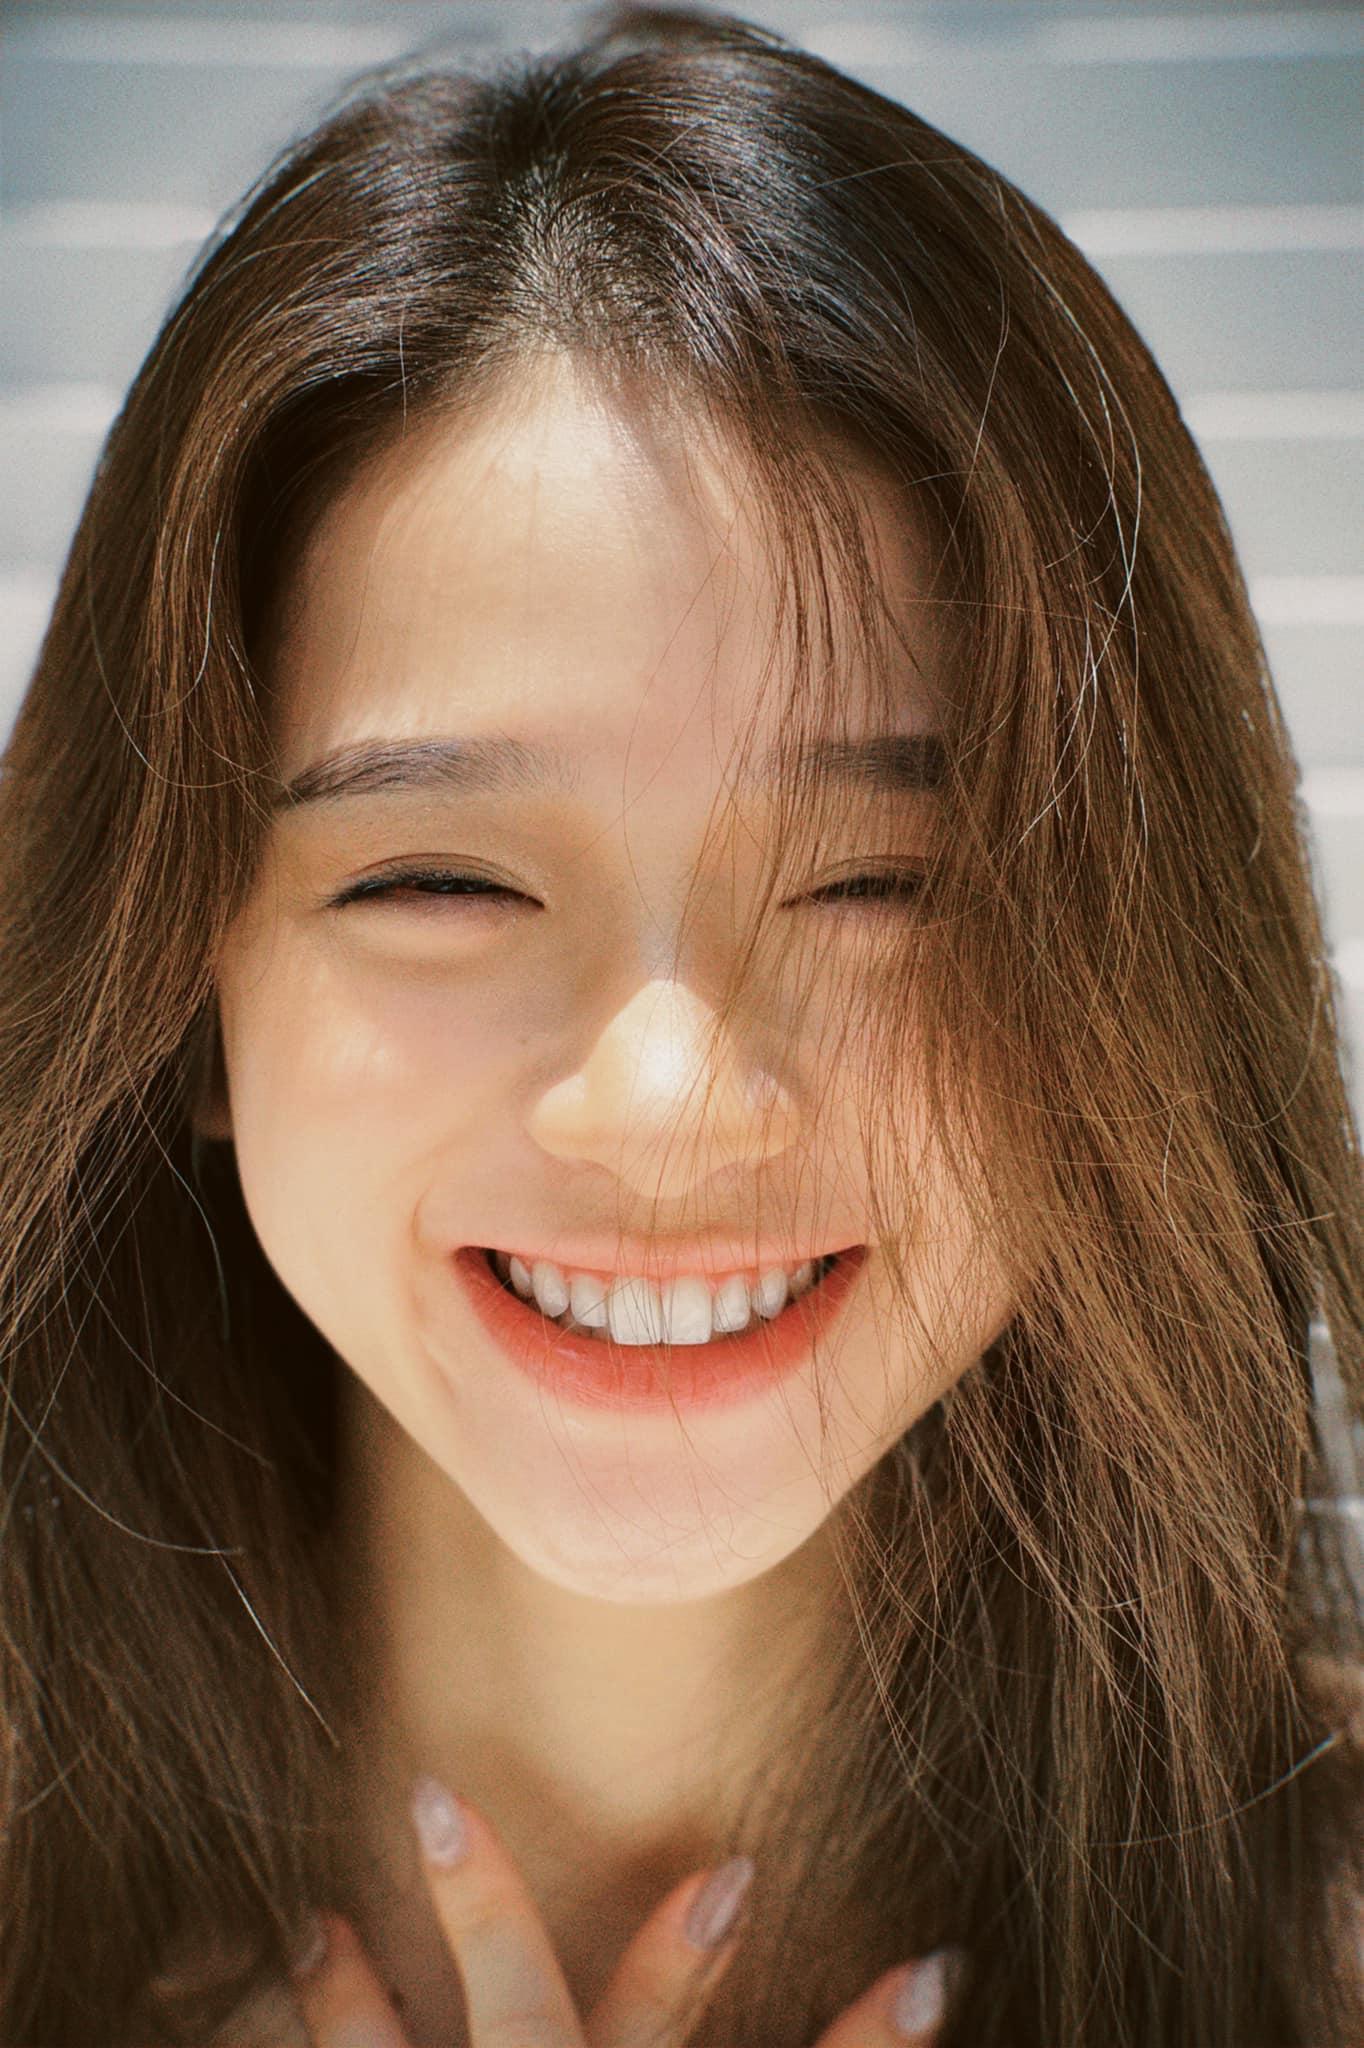 Linh Ka ngày càng xinh đẹp vẫn bị miệt thị ngoại hình, nghi phẫu thuật thẩm mỹ - 1